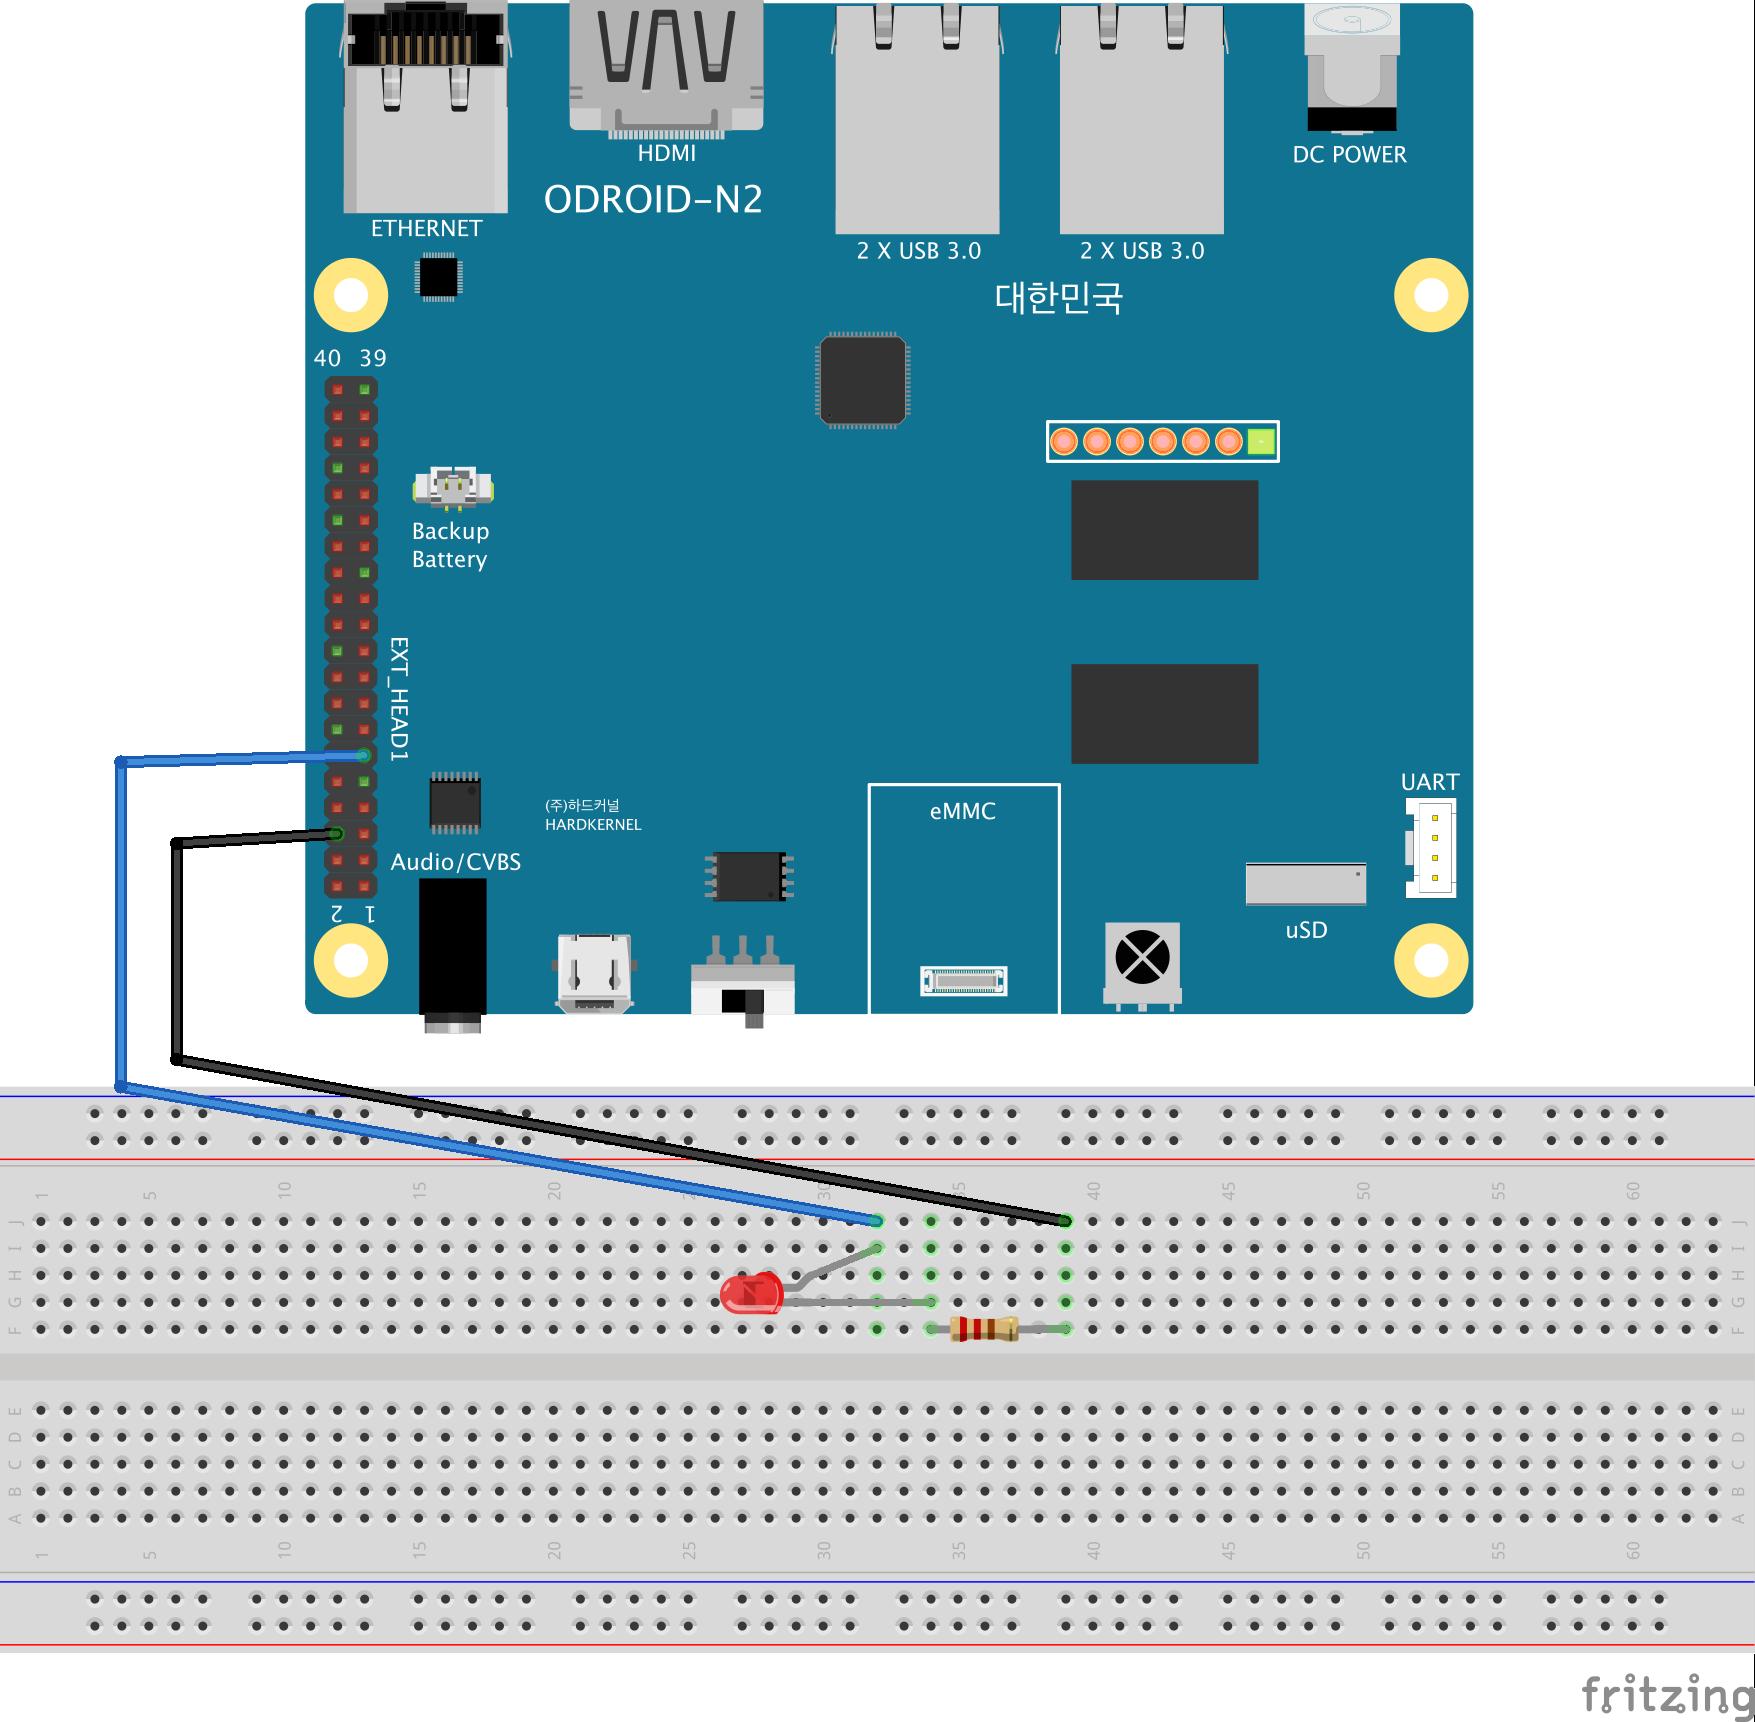 Swell Odroid C1 Wiringpi Python Basic Electronics Wiring Diagram Wiring Database Denligelartorg